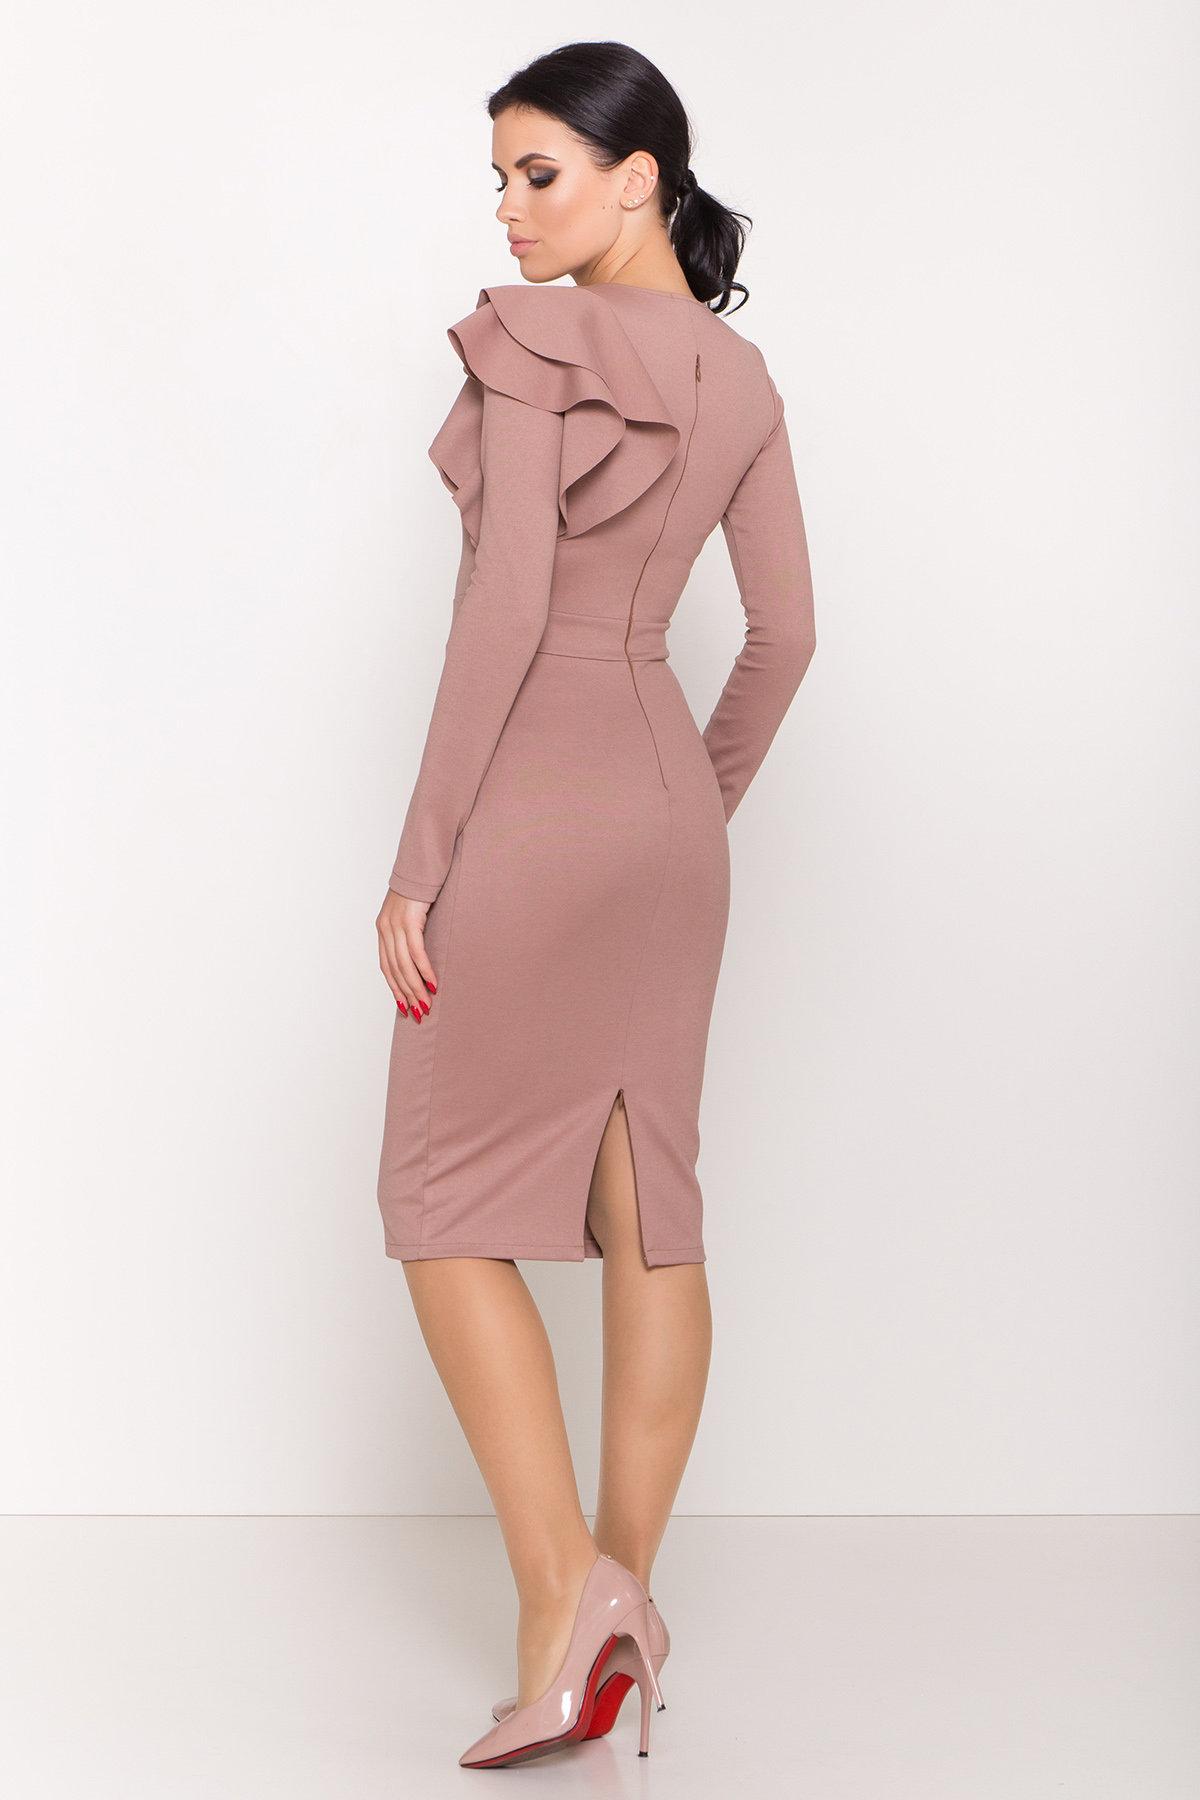 Платье Оникс 8367 АРТ. 44795 Цвет: Бежевый Темный - фото 6, интернет магазин tm-modus.ru